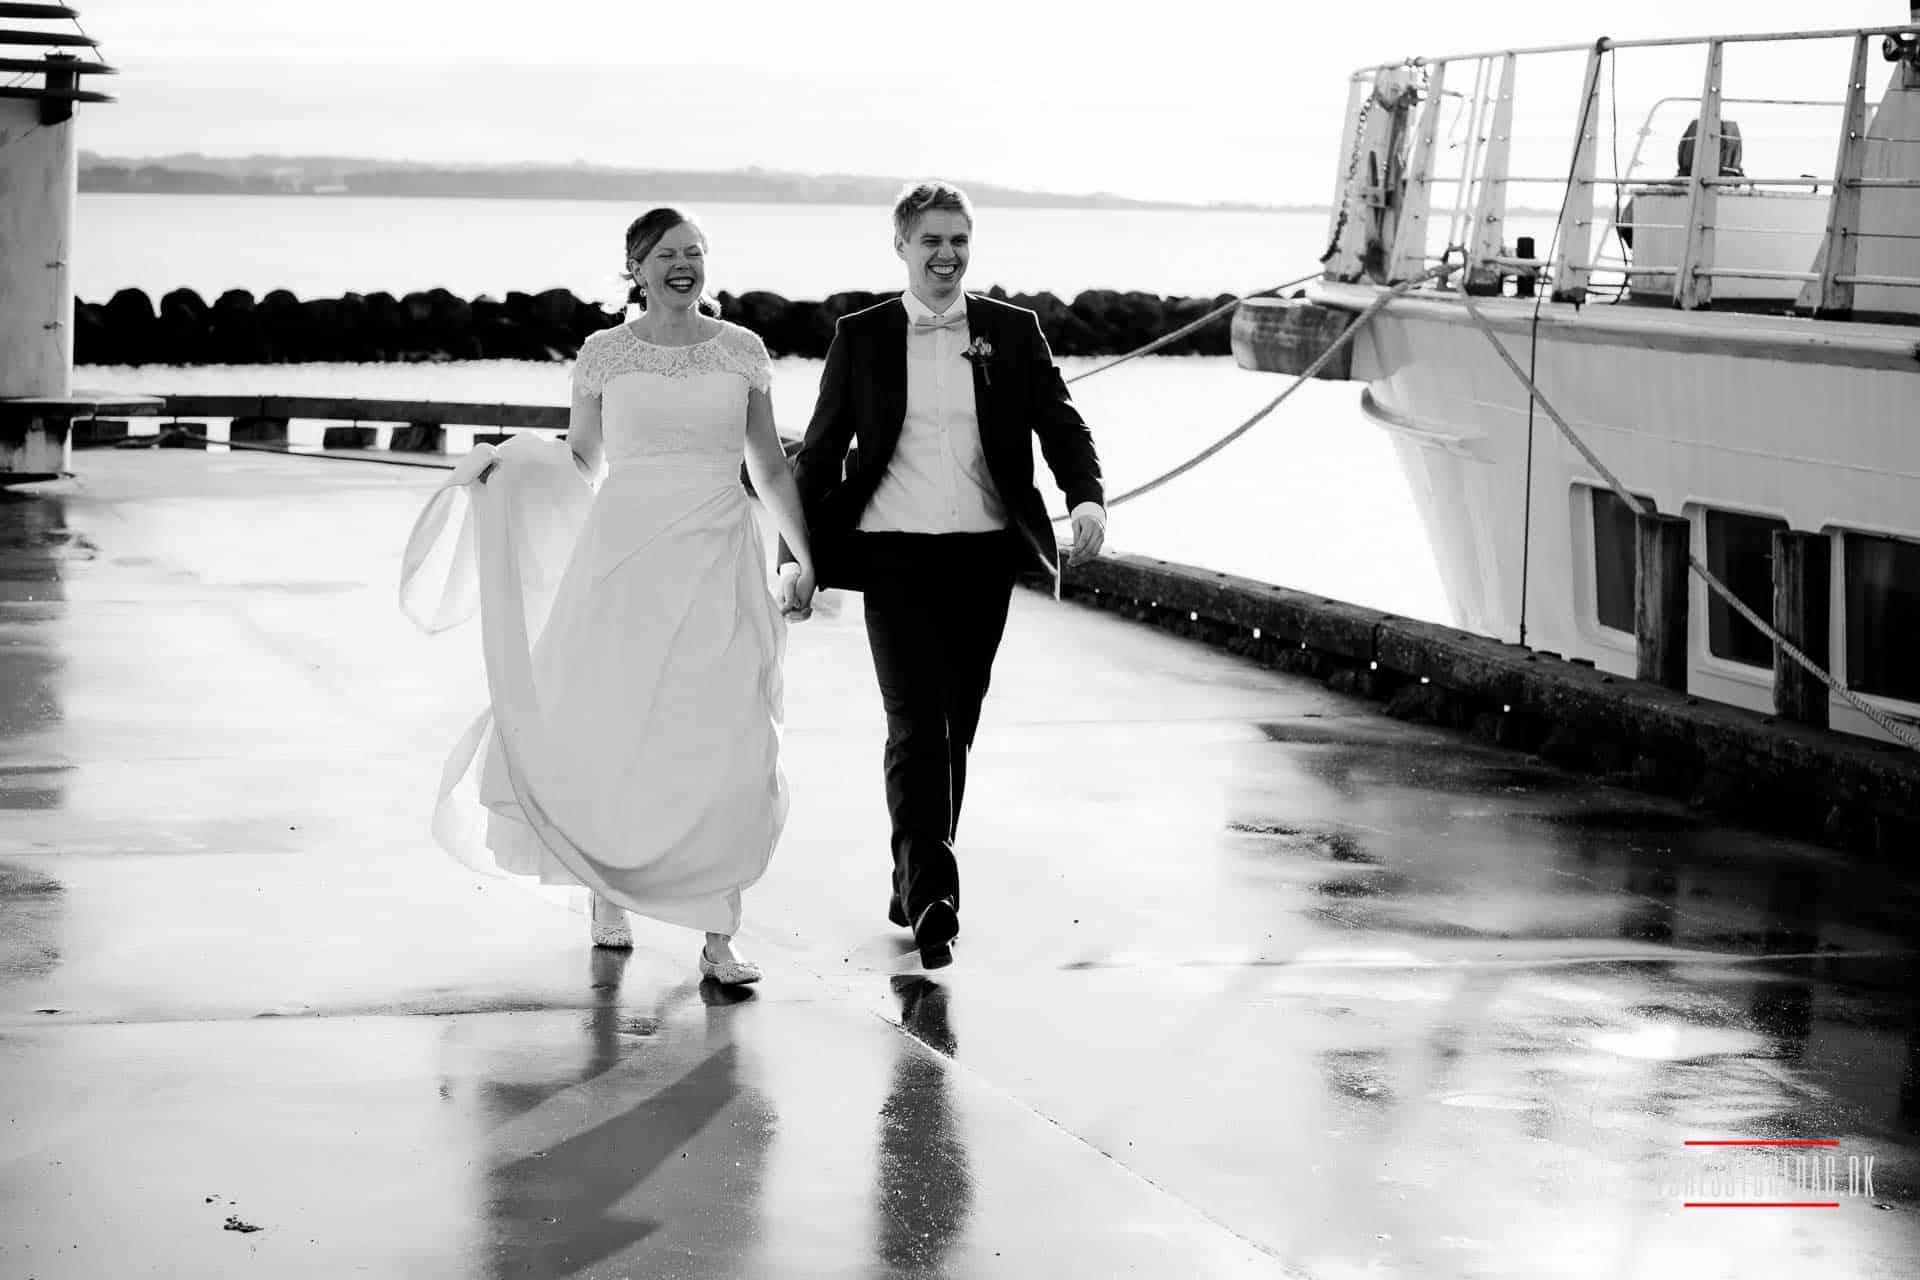 En bryllupsfest er altid en god fest, og I har det altid sjovest, når det er tid til at tage hjem. Hos Kaløvig Badehotel